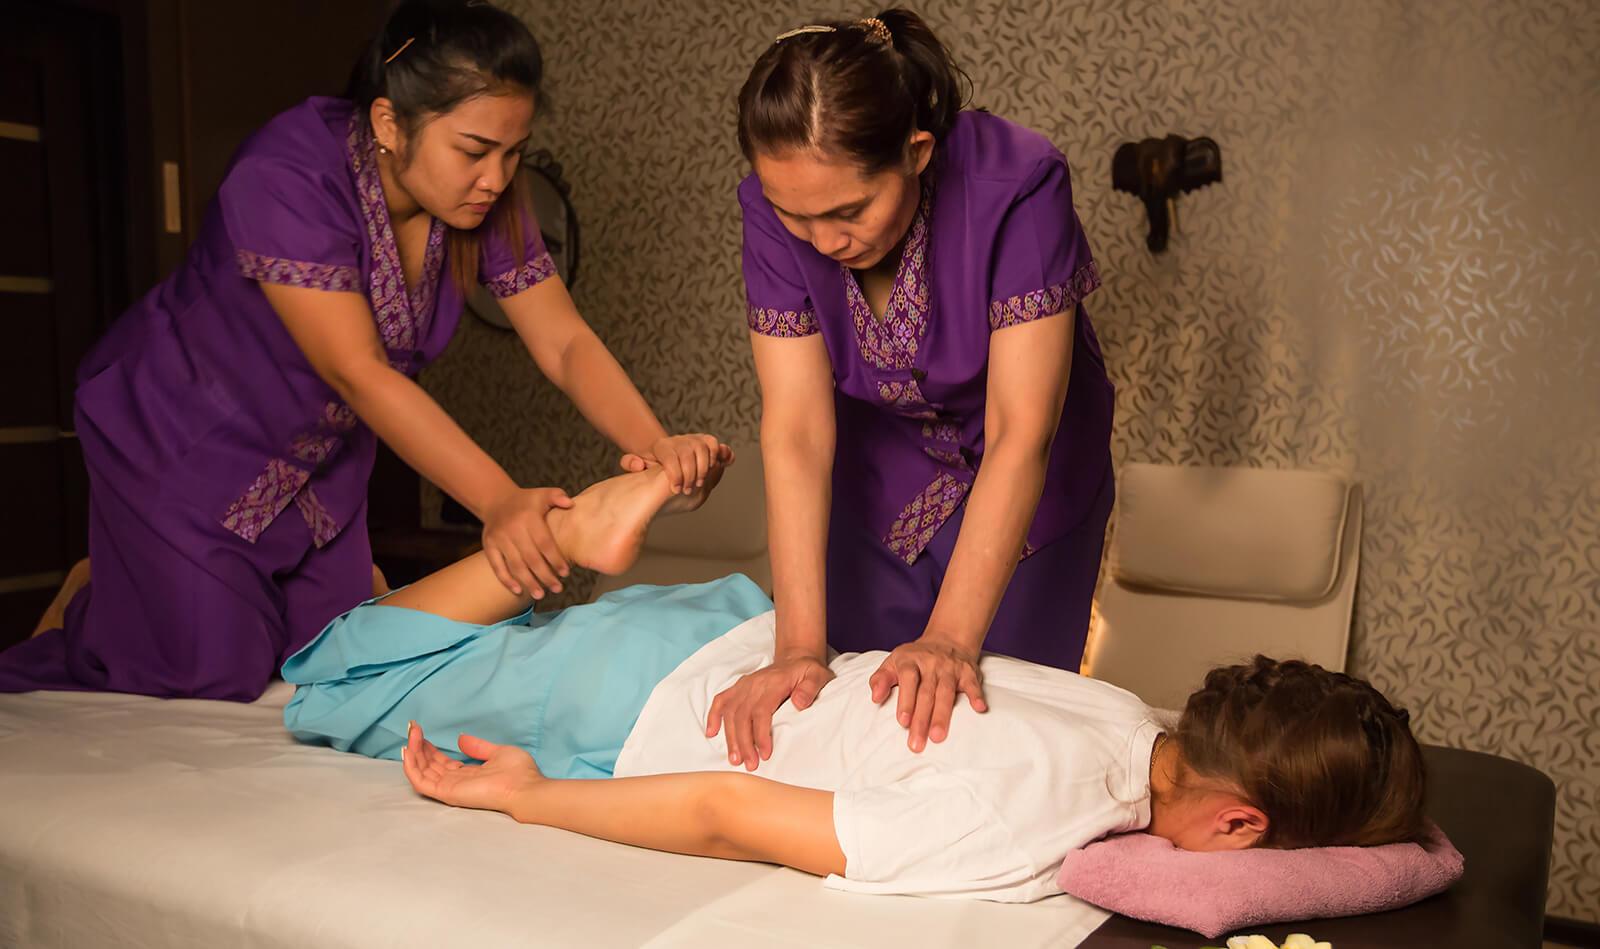 Девушки массаж в самаре секс малолеток после массажа